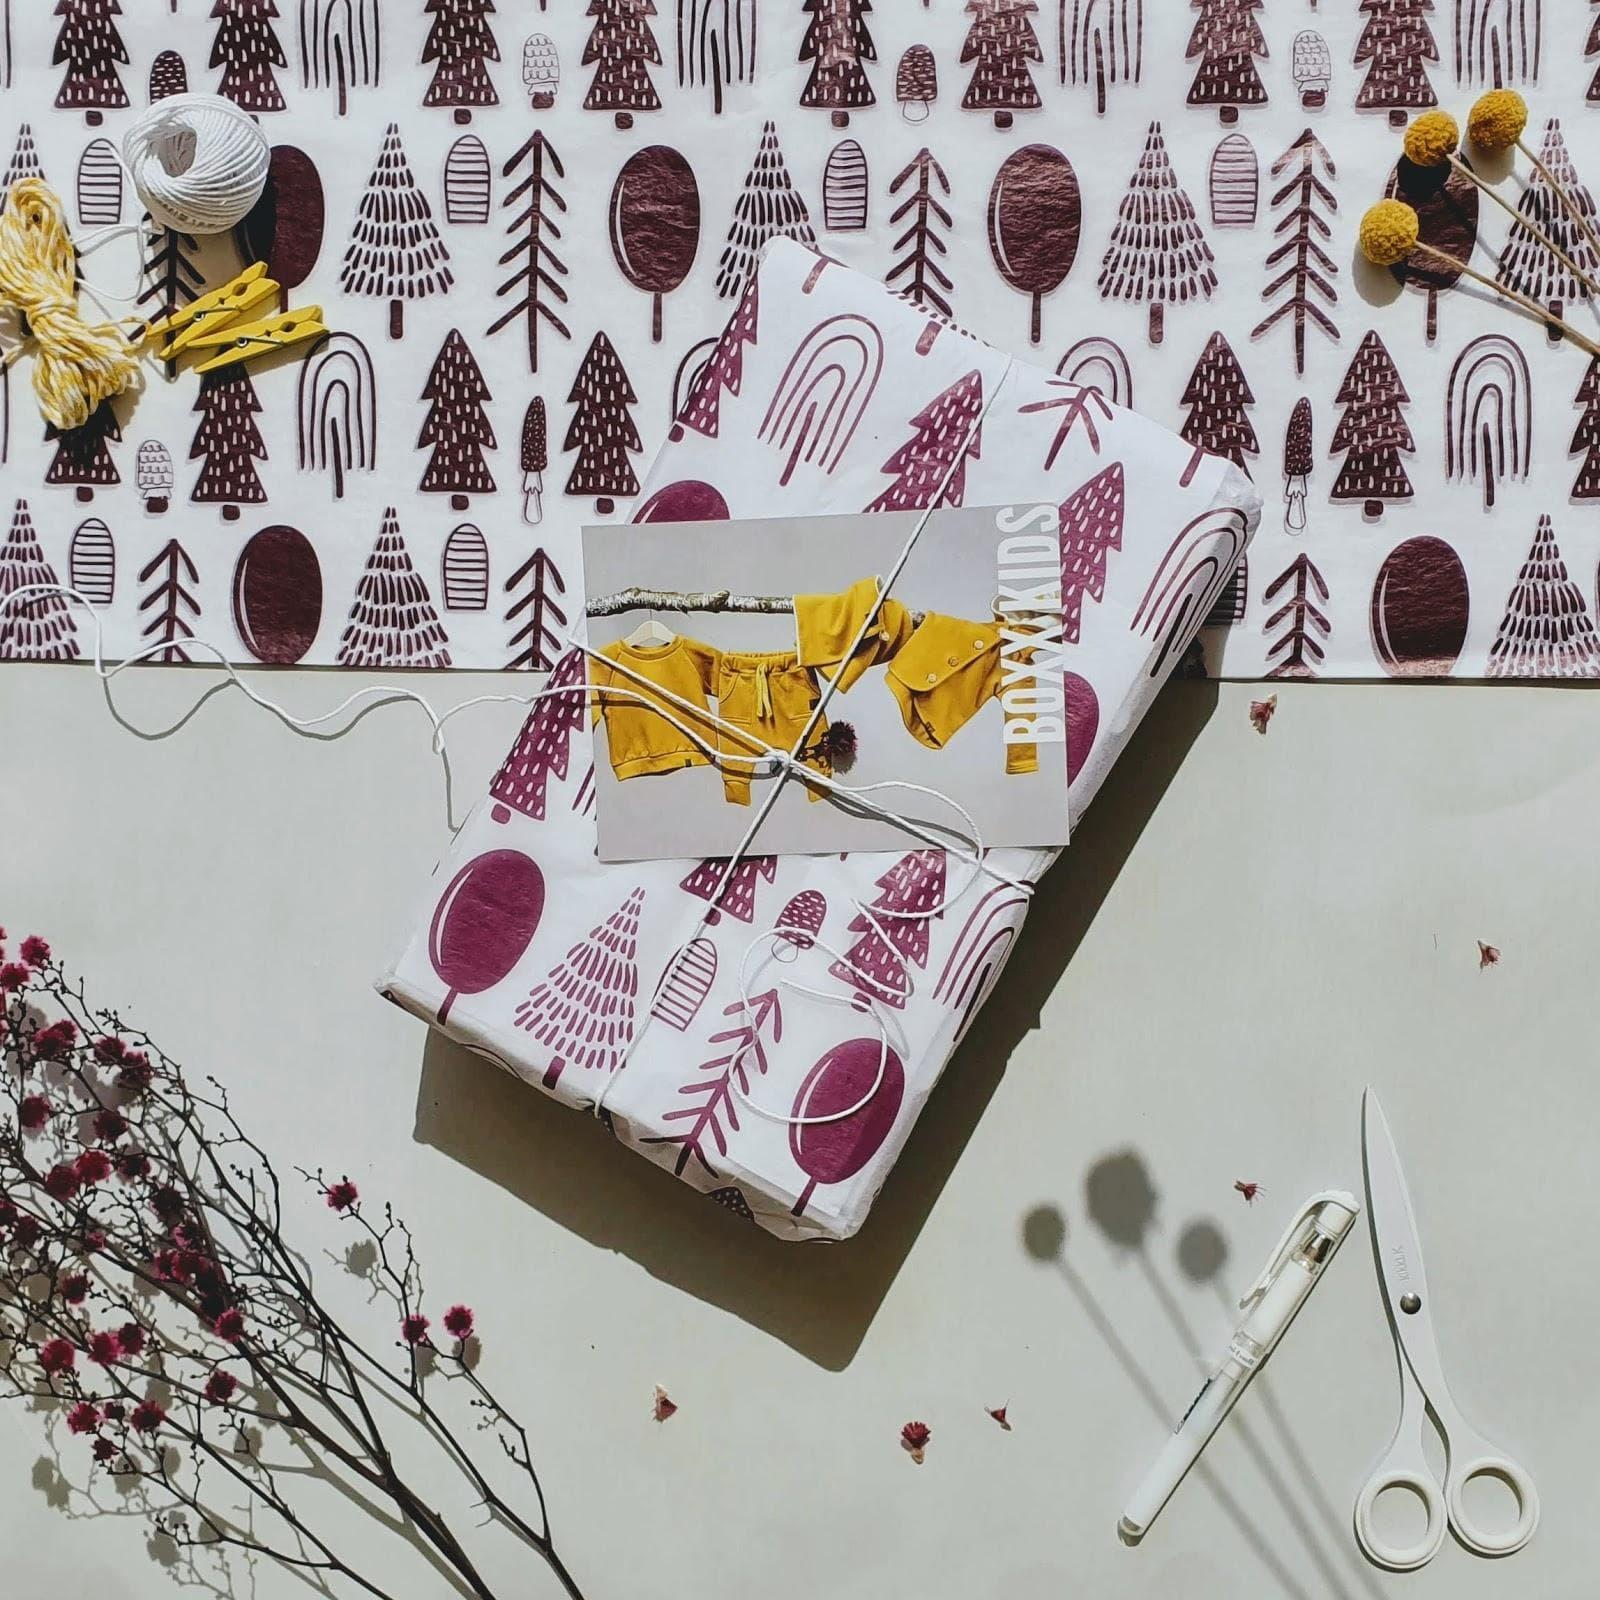 Boxx Kids custom tissue paper design